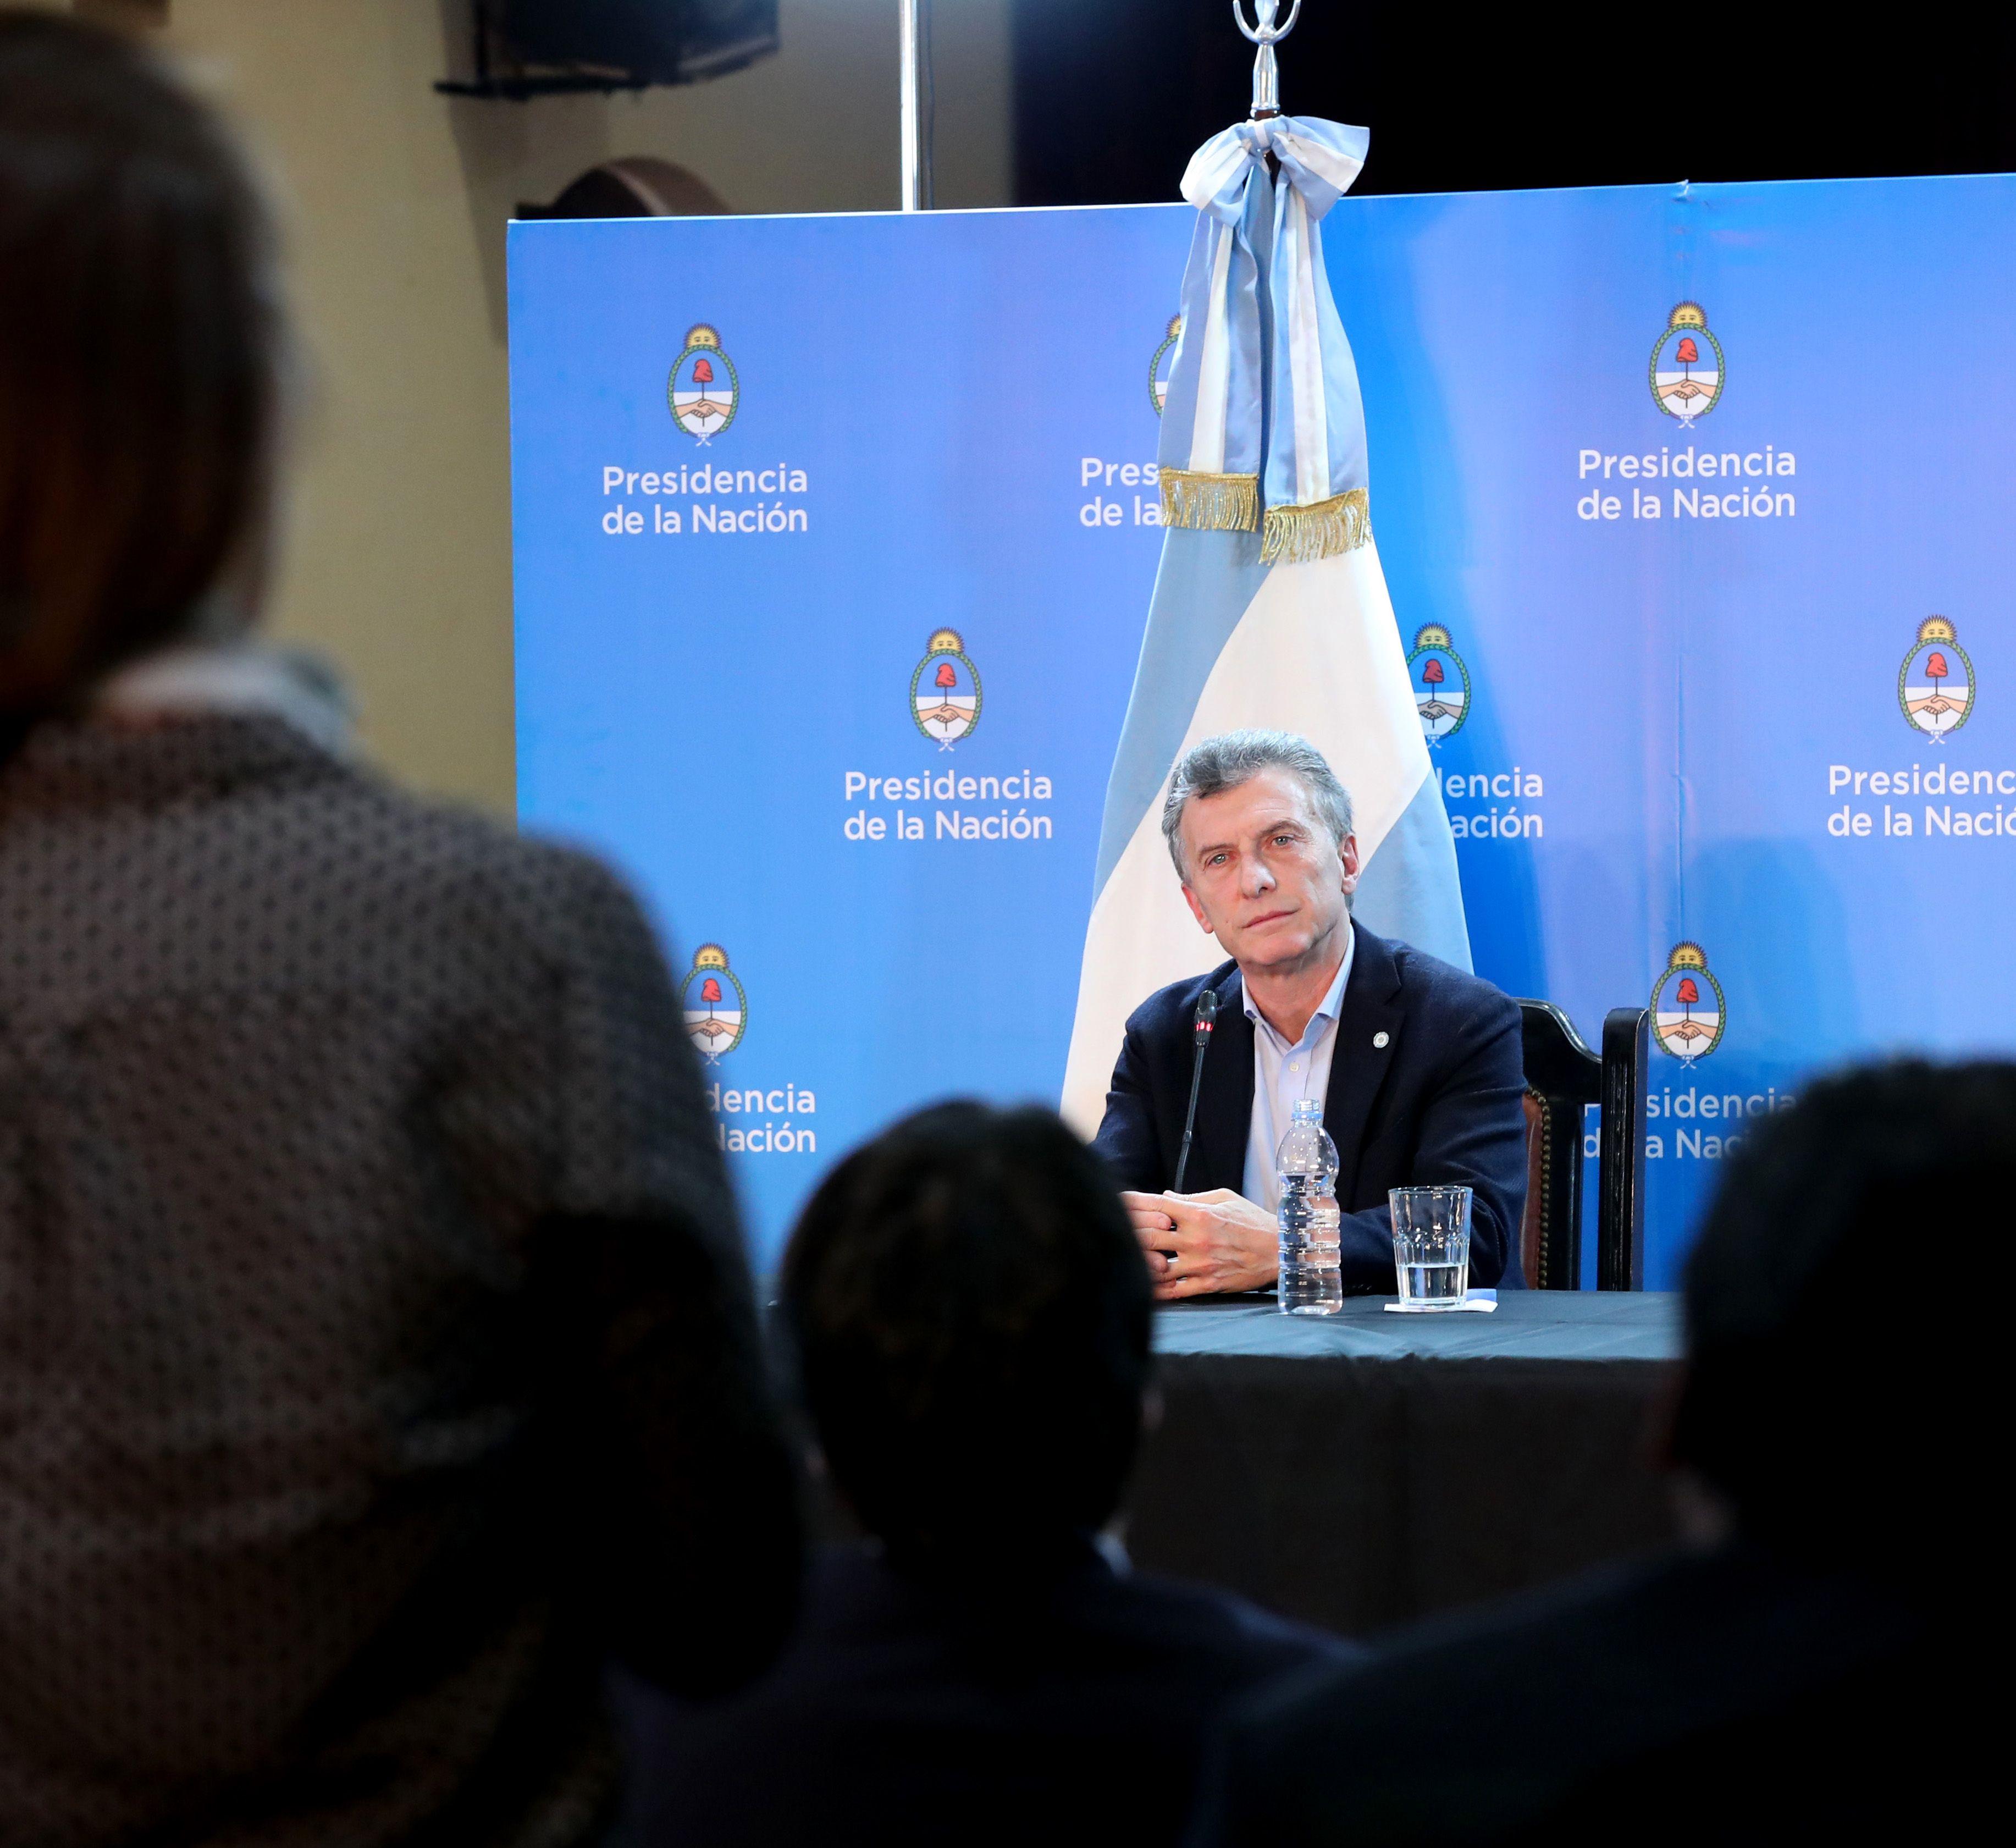 El detalle del veto de Macri: cita a Cristina Kirchner para justificarse